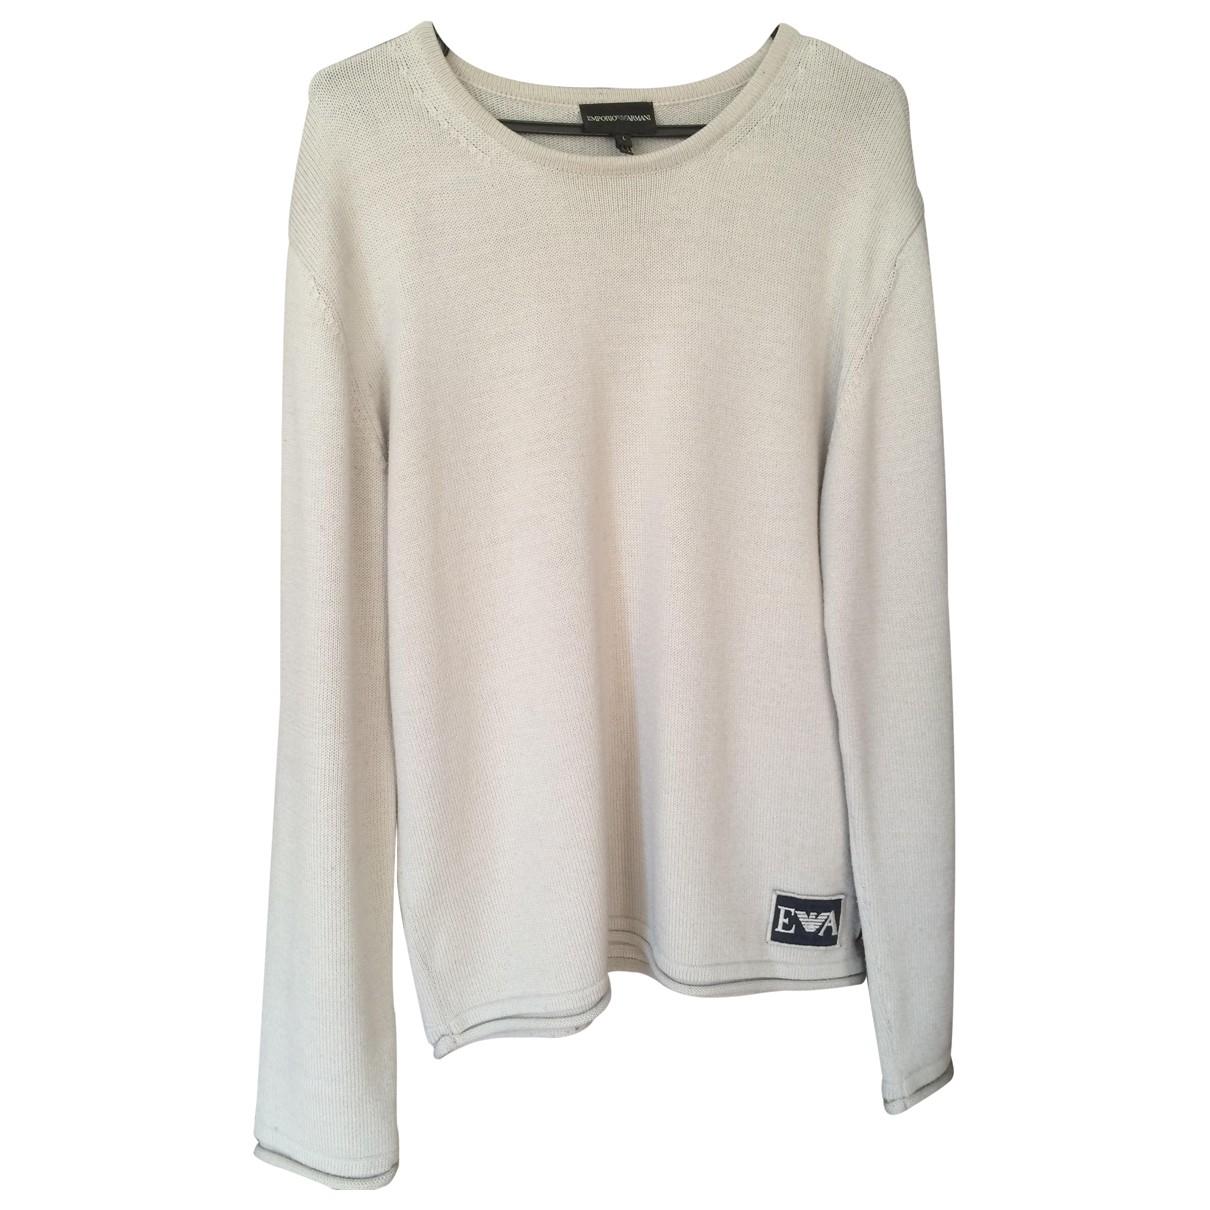 Emporio Armani - Manteau   pour homme en laine - beige